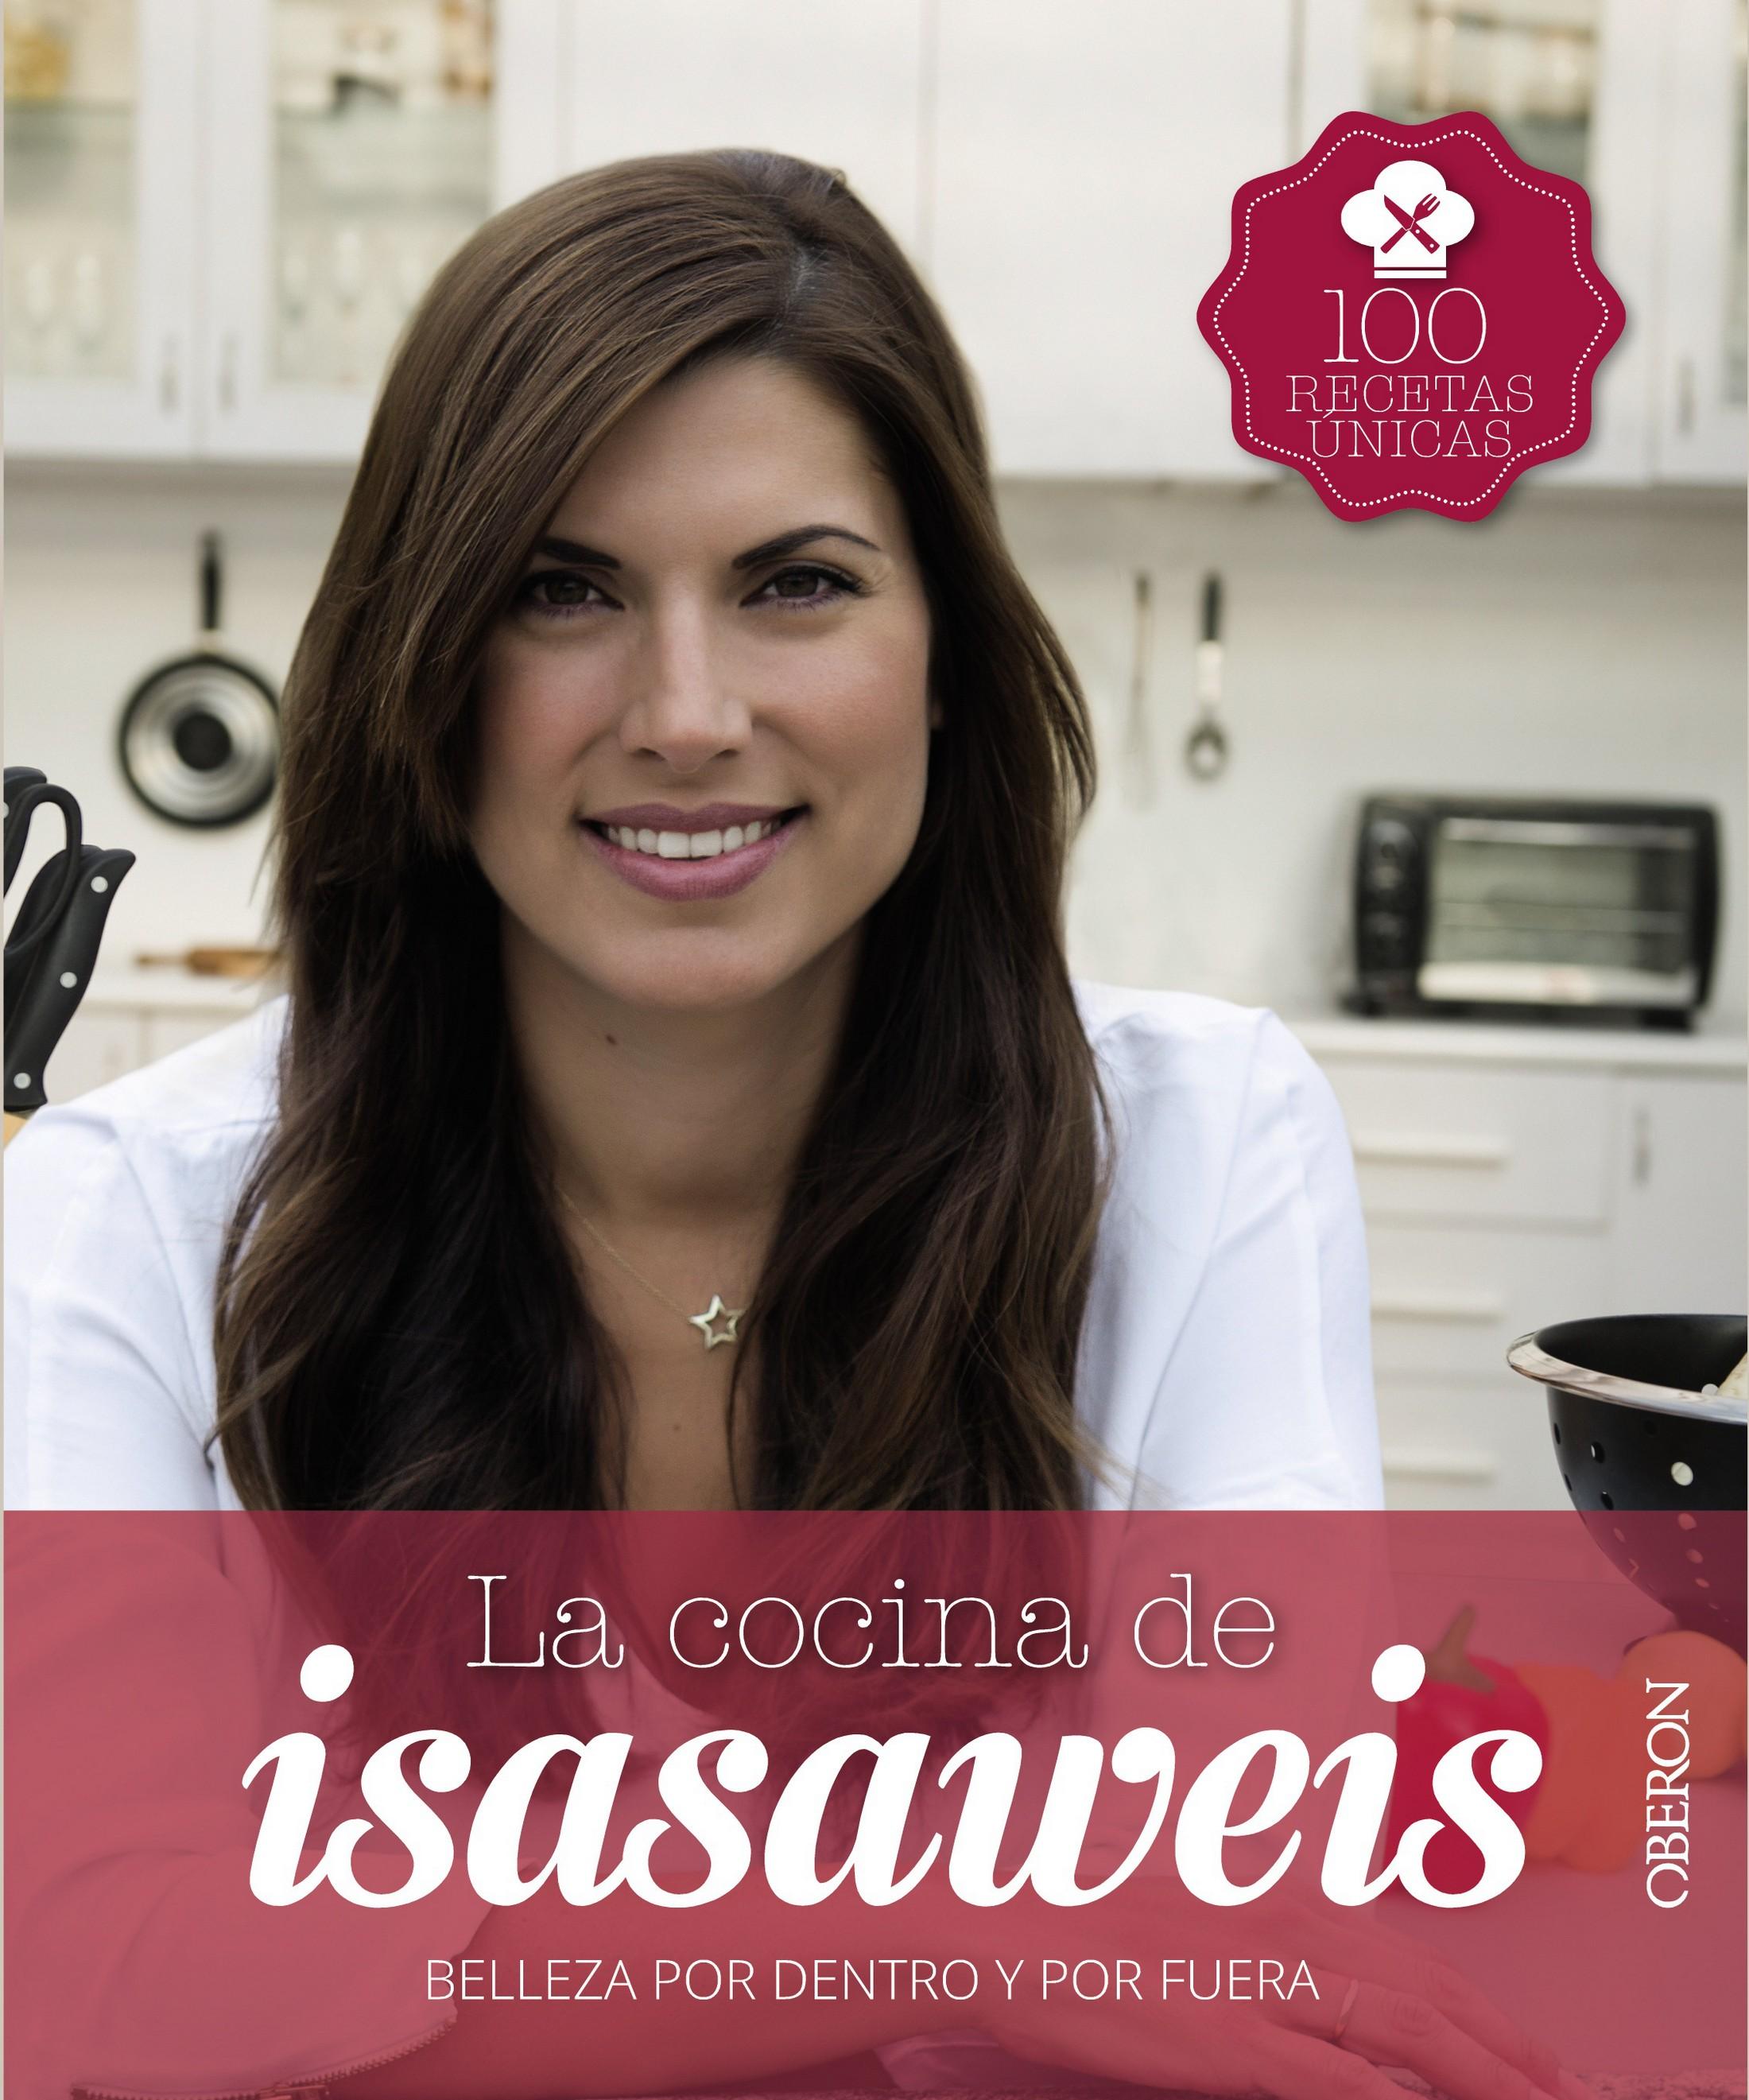 La cocina de Isasaweis, cuídate desde dentro